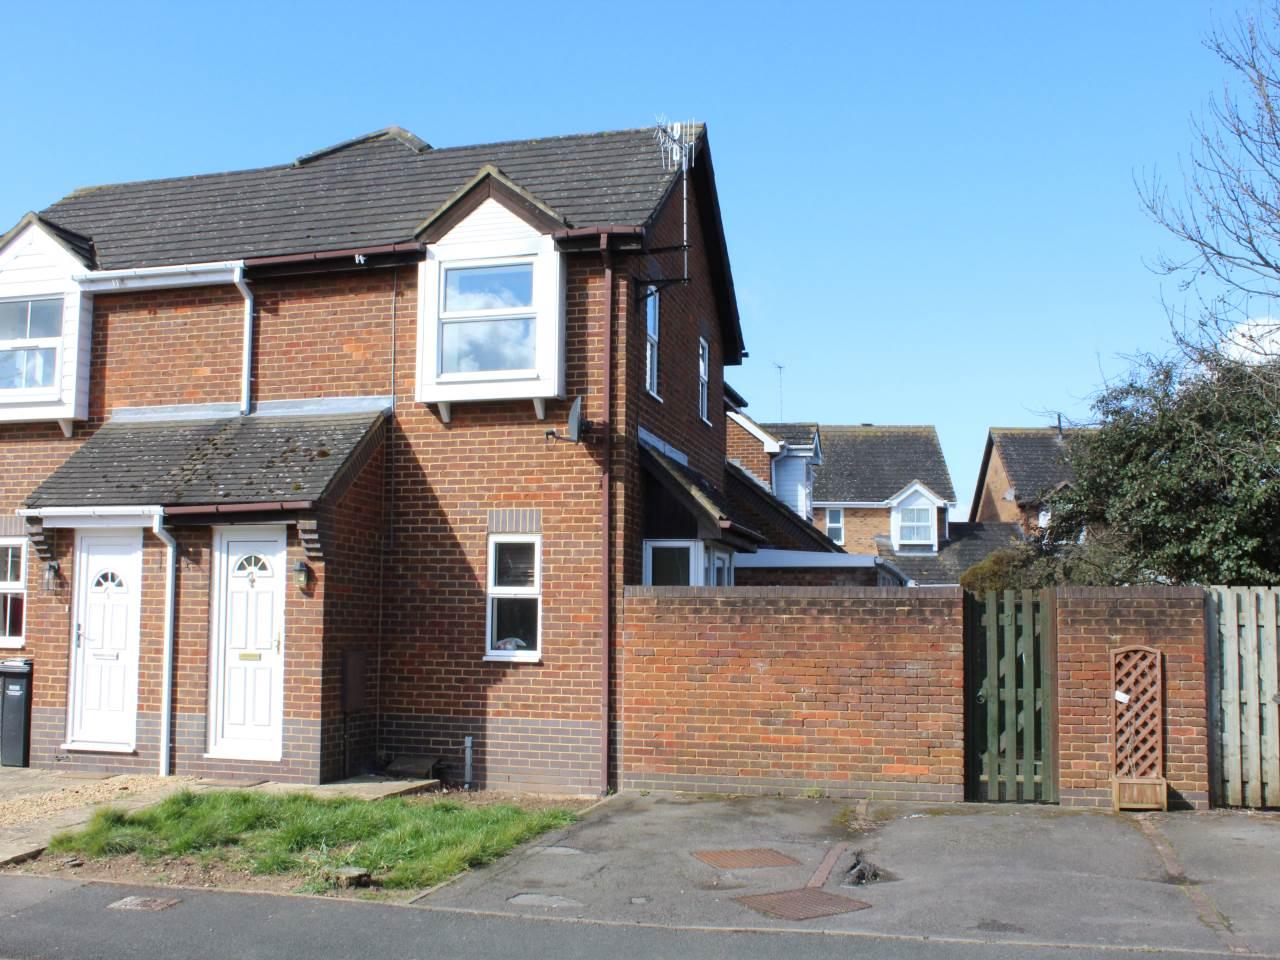 7 St Johns Close, Evesham, Worcestershire